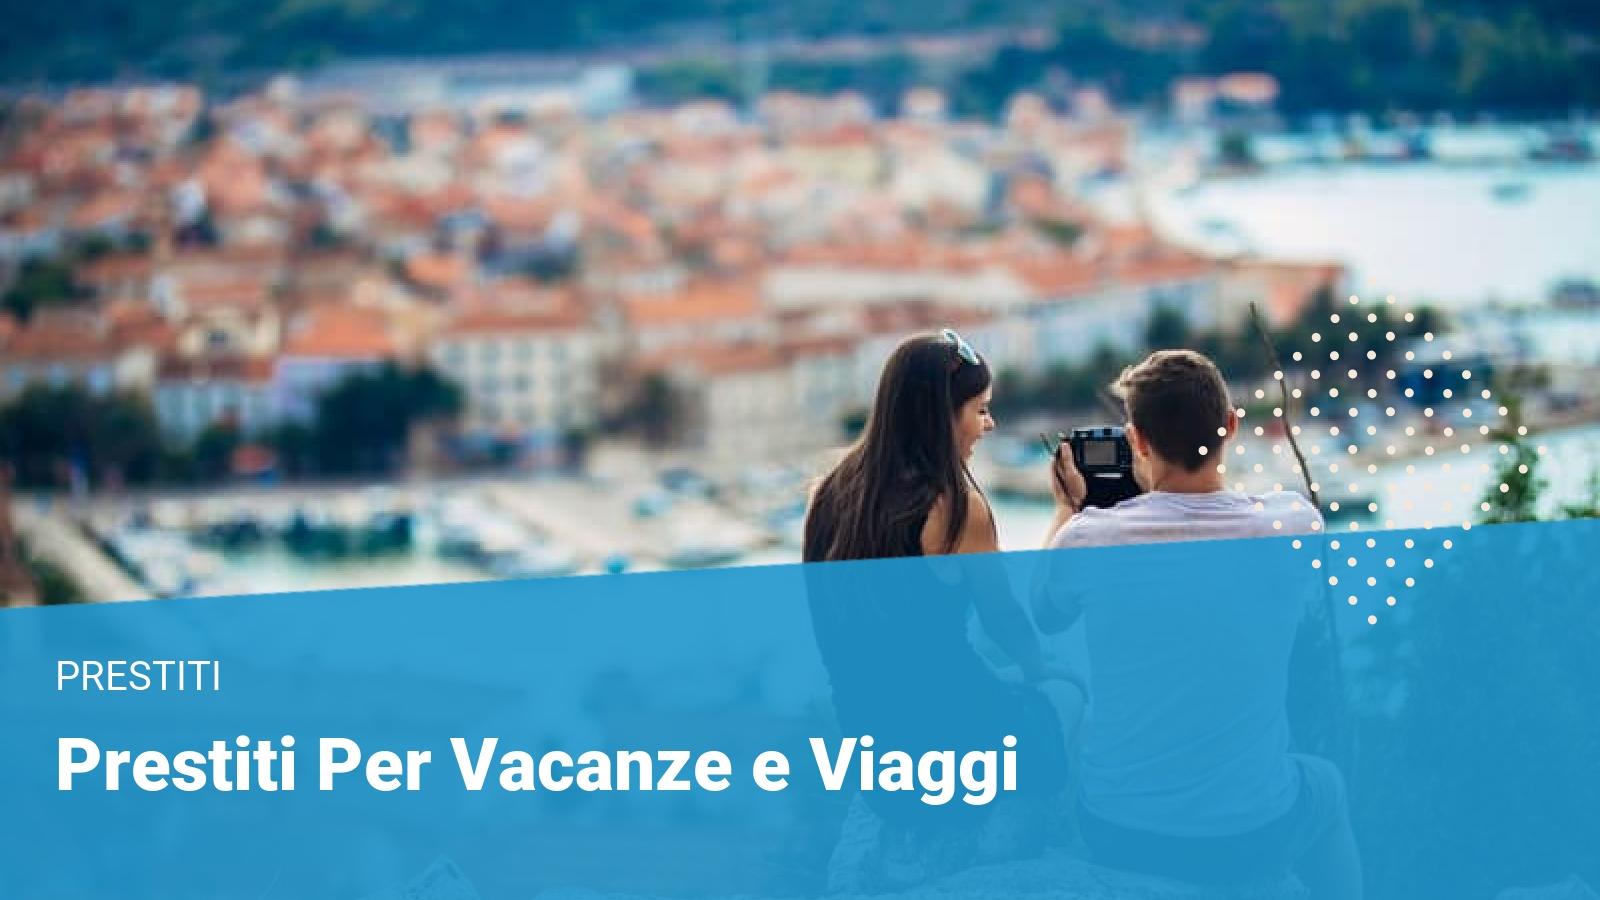 Prestiti per vacanze e viaggi - Financer.com Italia